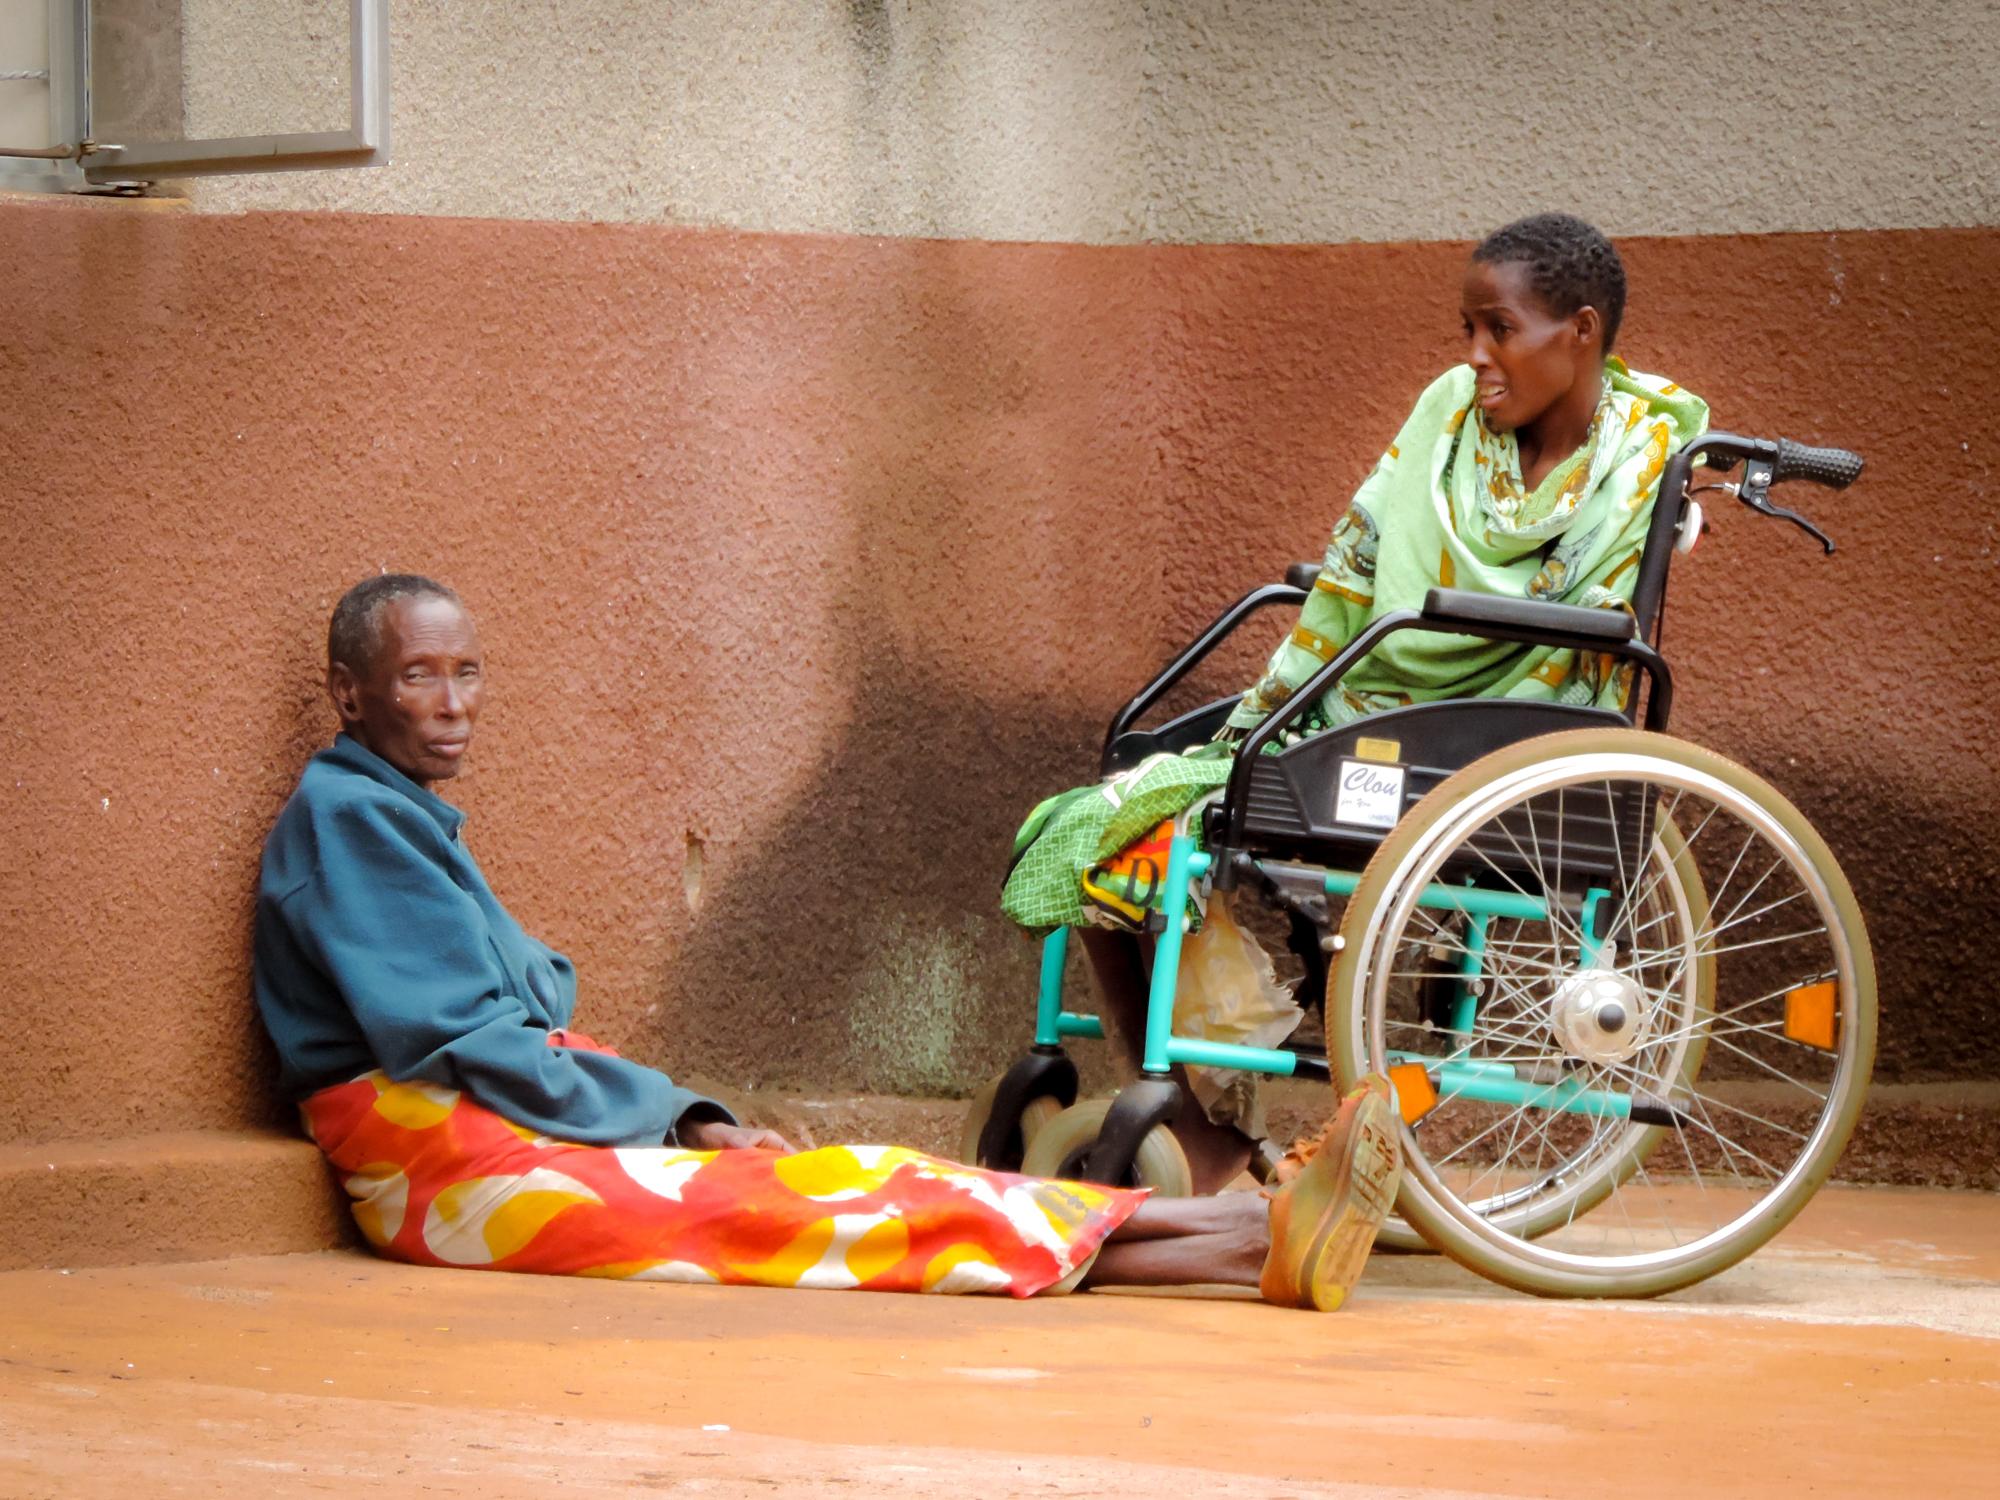 Bei vielen Patienten  wird deutlich, dass Hospitalisationen auch mit Bildung, Aberglauben  und finanziellen Schwierigkeiten zu tun haben.